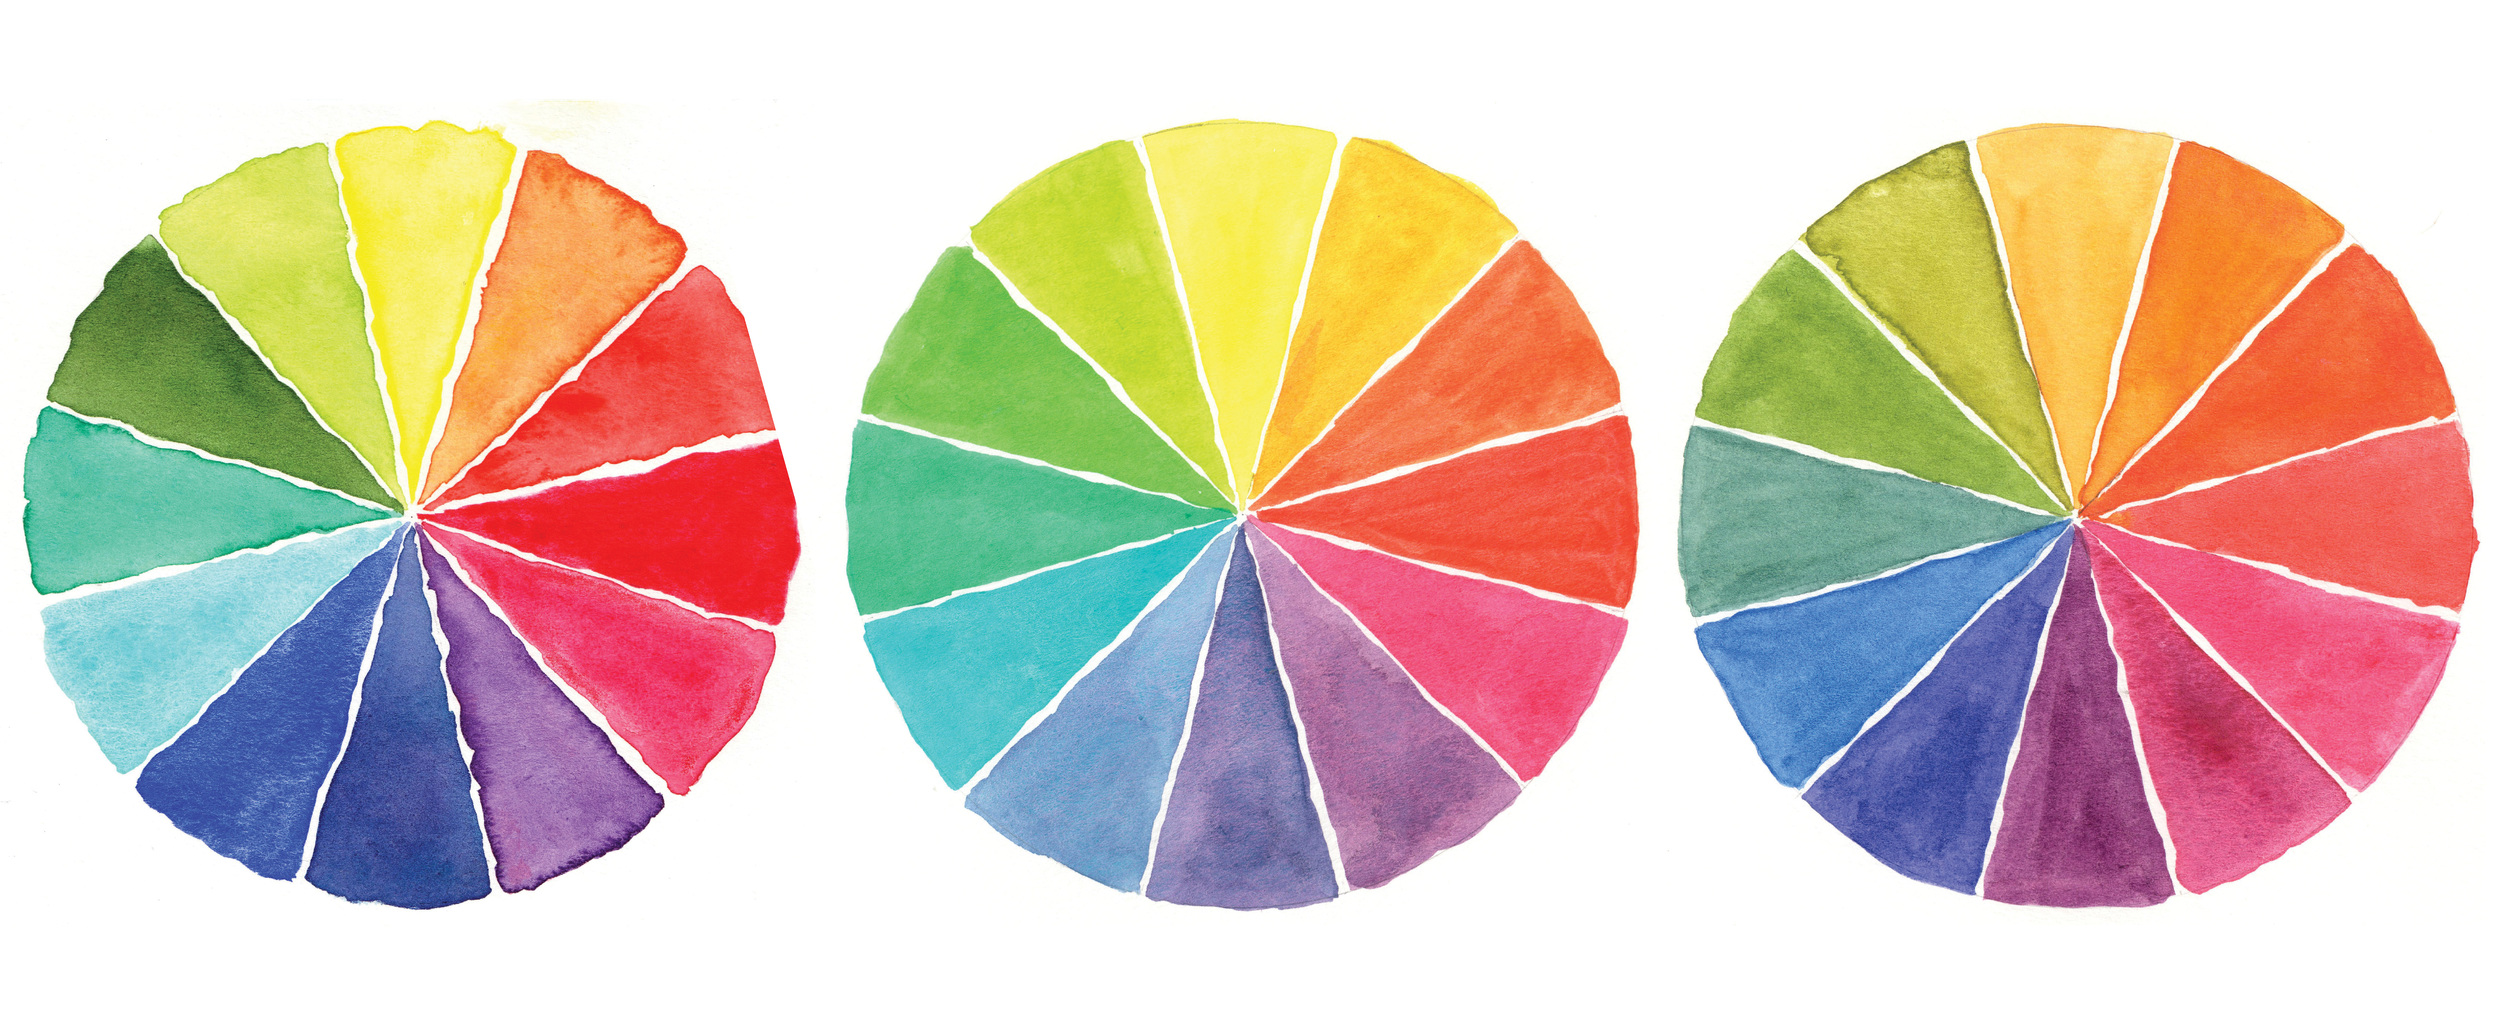 Color Wheel Comparisons (quick wheel, true CMY, BMG) | VanillaArts.com